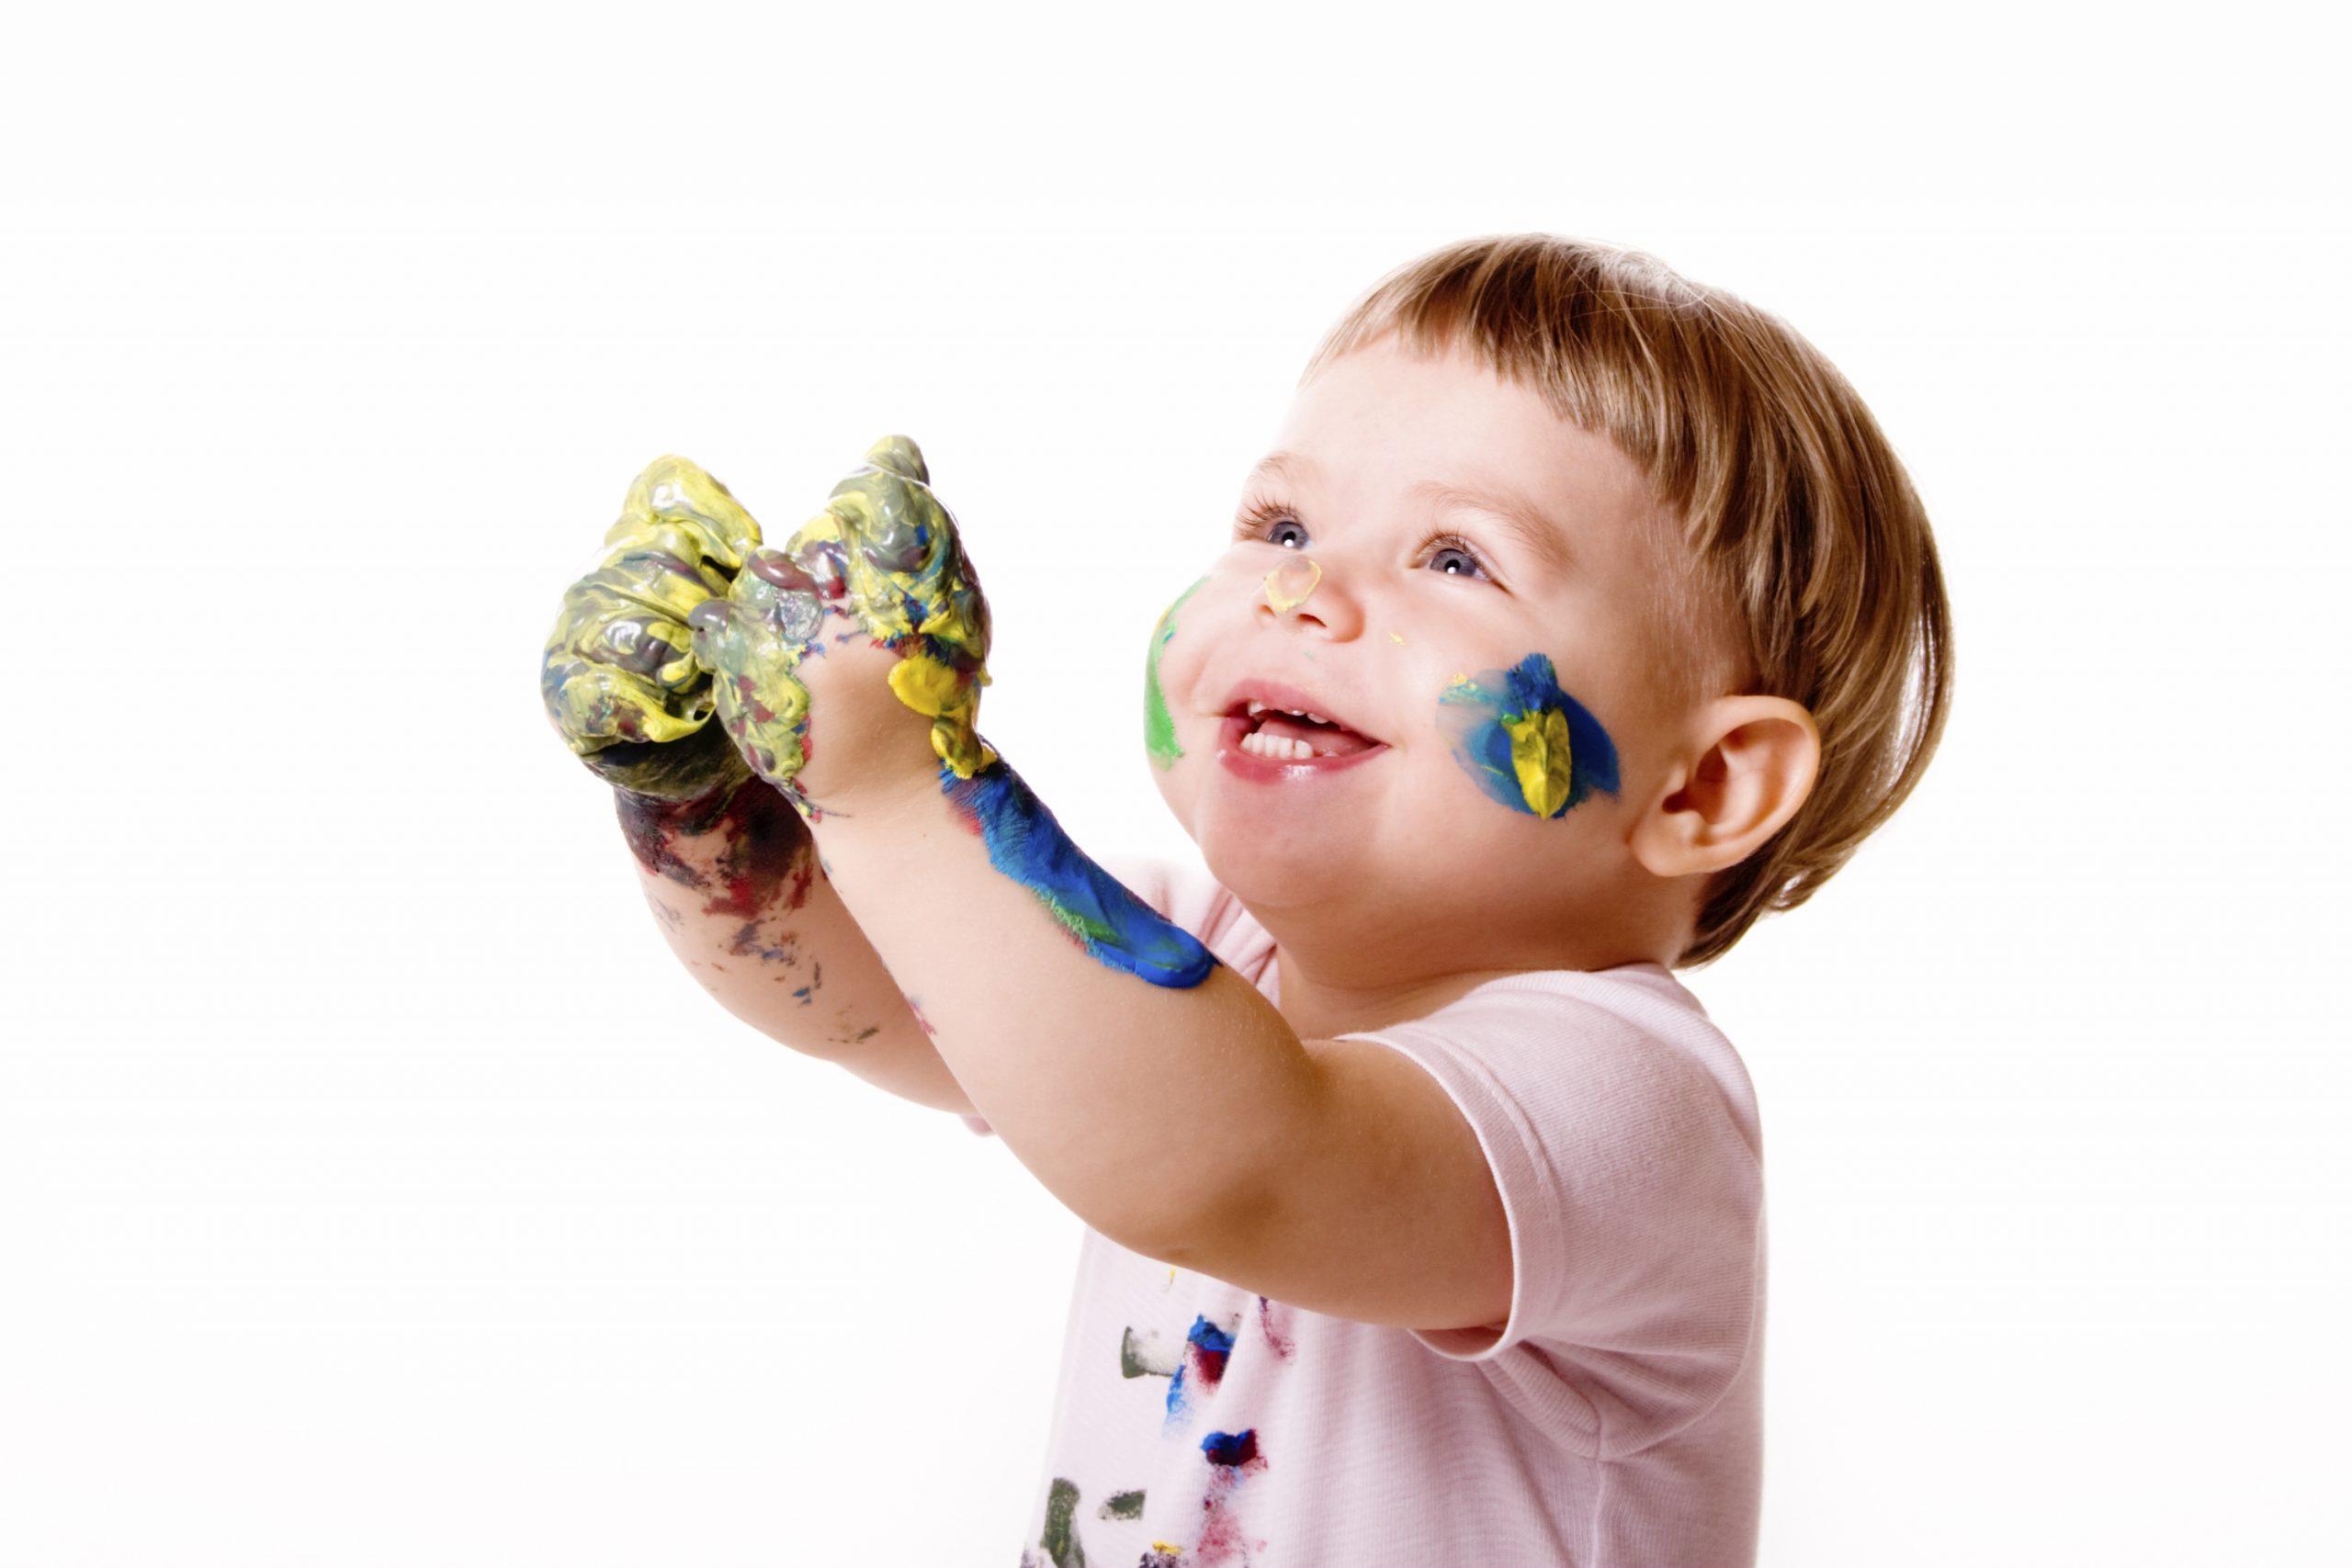 Bébé A 15 Mois : Jeux, Jouets Et Activités Ludiques encequiconcerne Jeu De Bebe Pour Fille